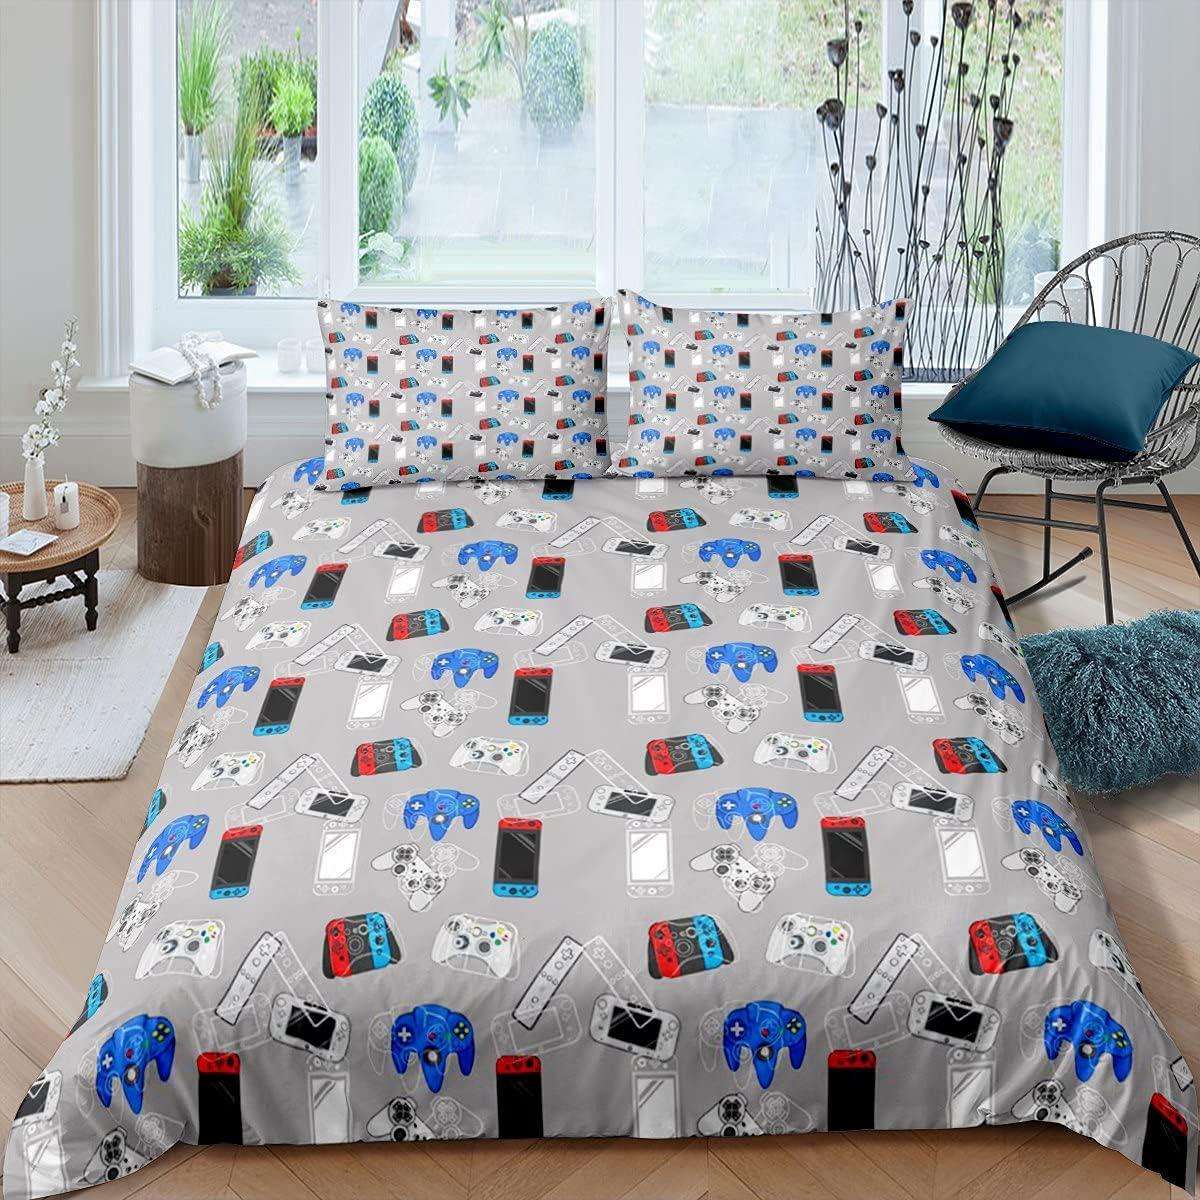 Erosebridal Direct stock discount Gaming Duvet Cover Set Gamer Kids Bedding for Boys Dallas Mall